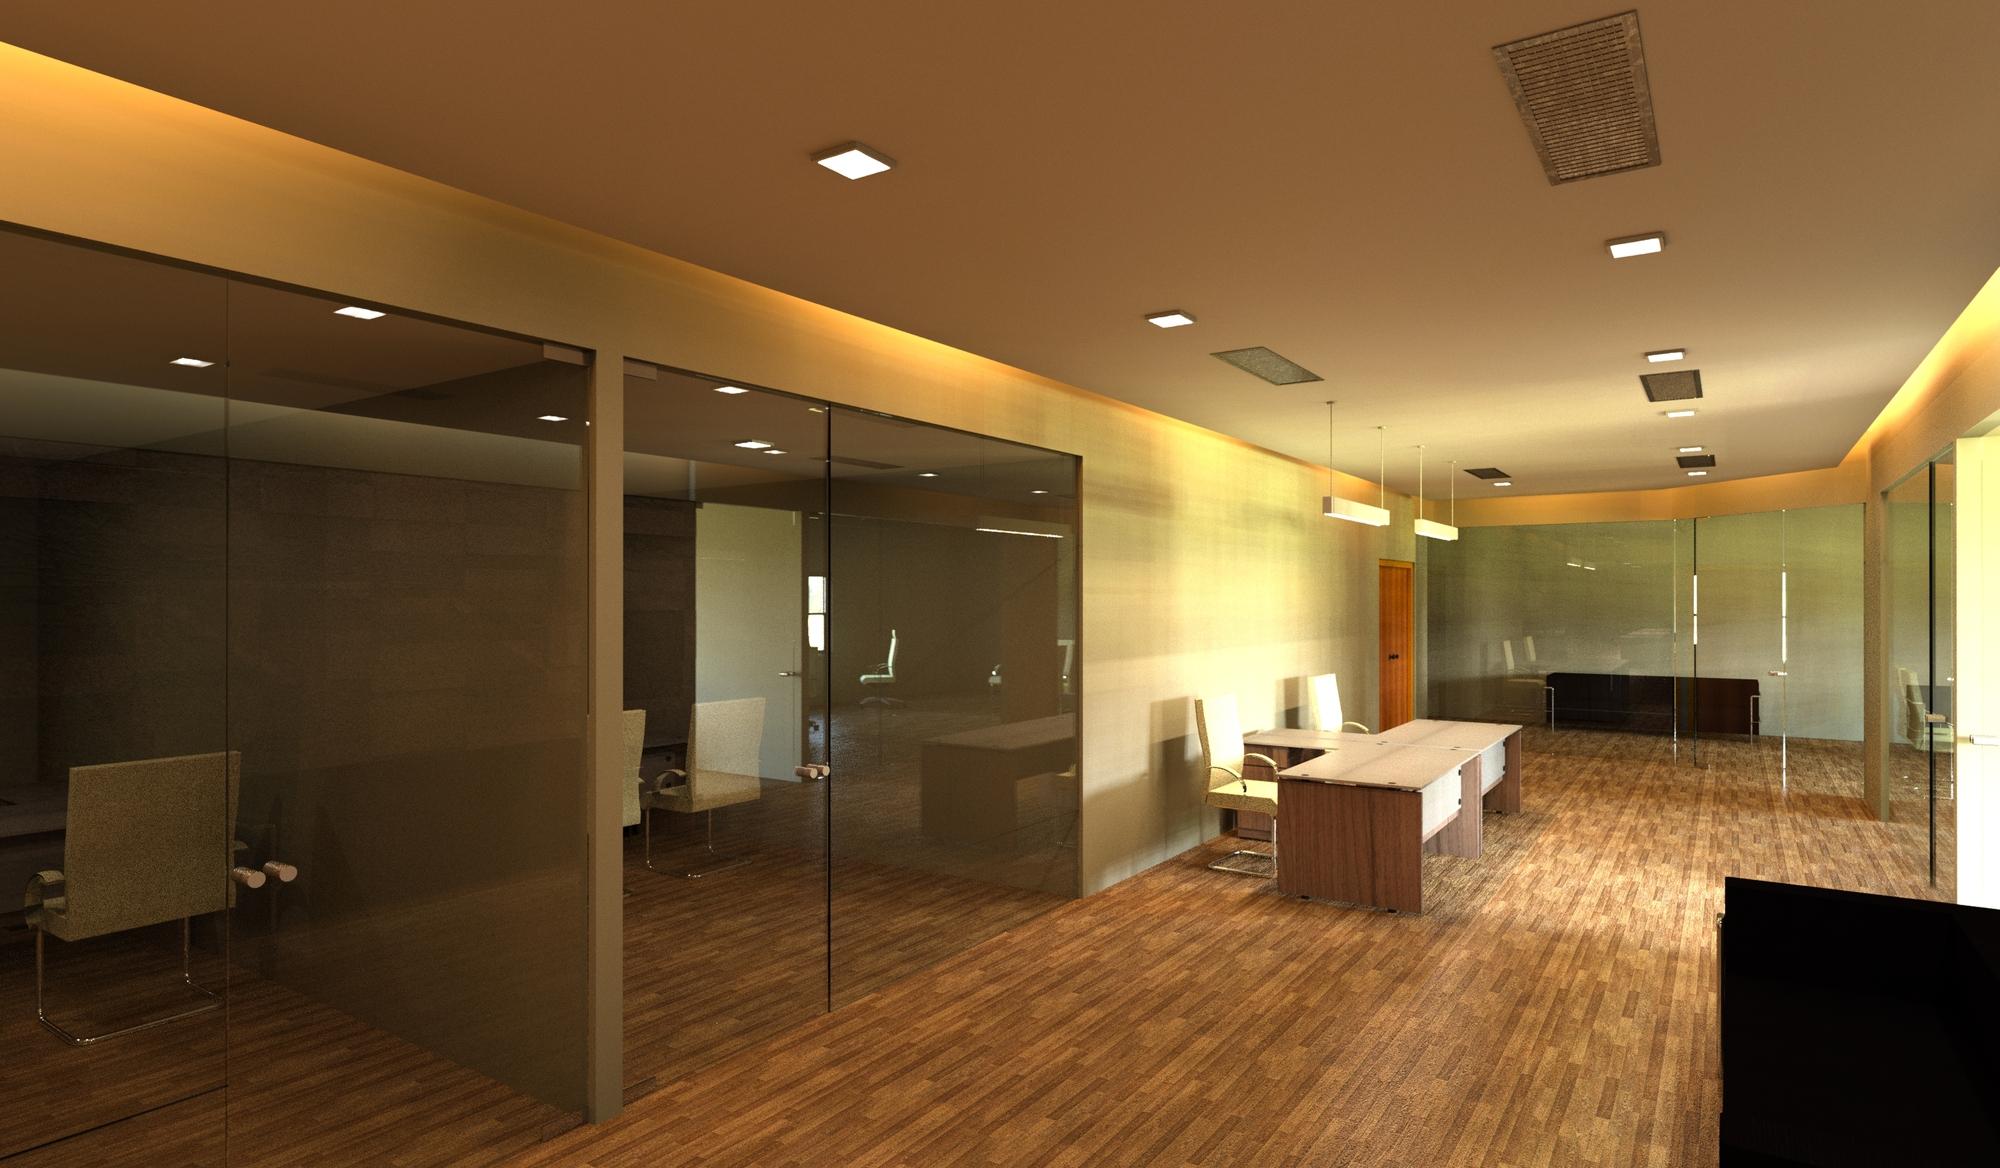 Raas-rendering20141101-10054-s8p10c